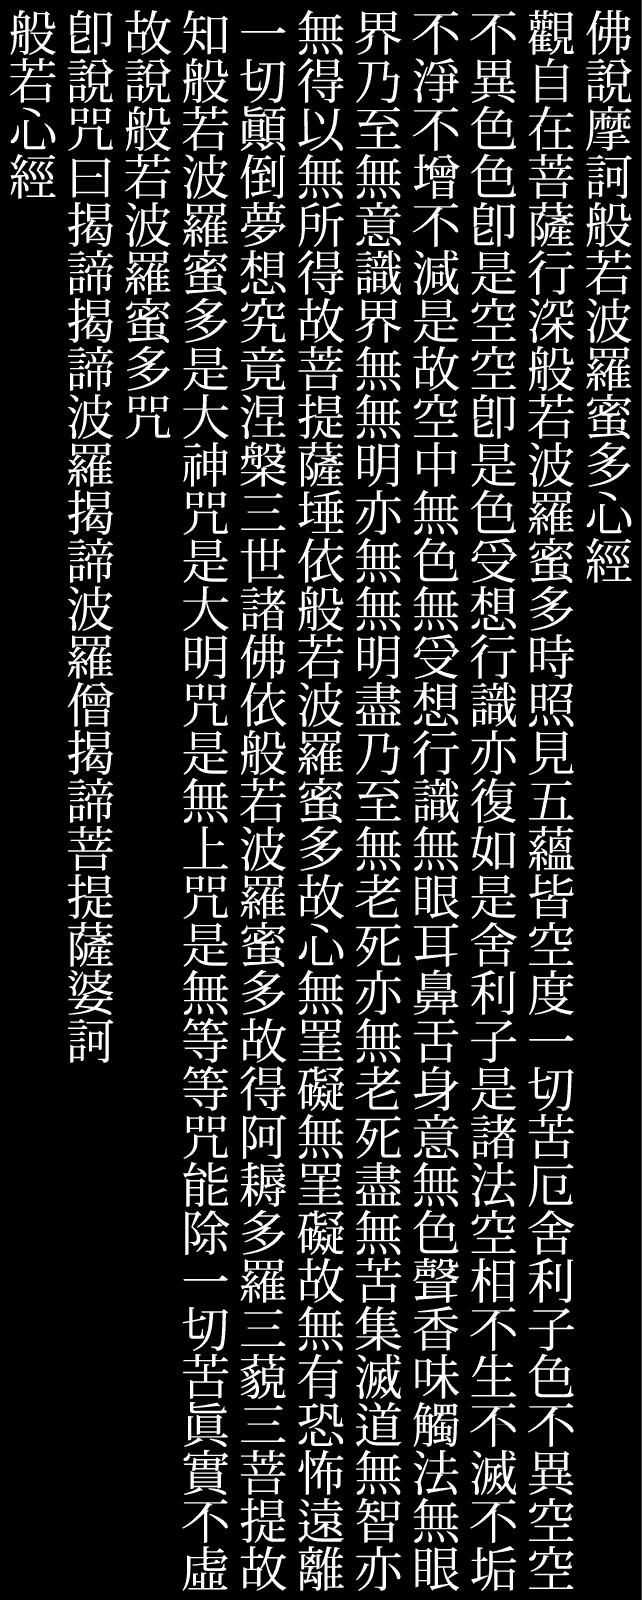 仏法対話 41 色即是空 しきそくぜくう について 中杉 弘のブログ